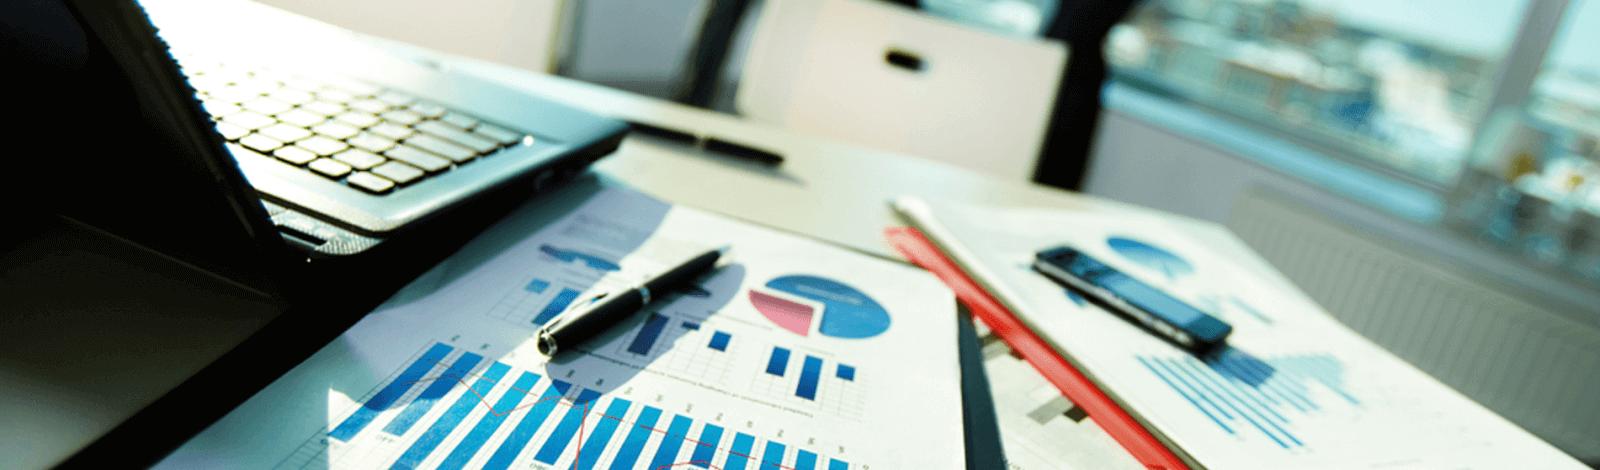 Komputer, statystyki i długopis na biurku